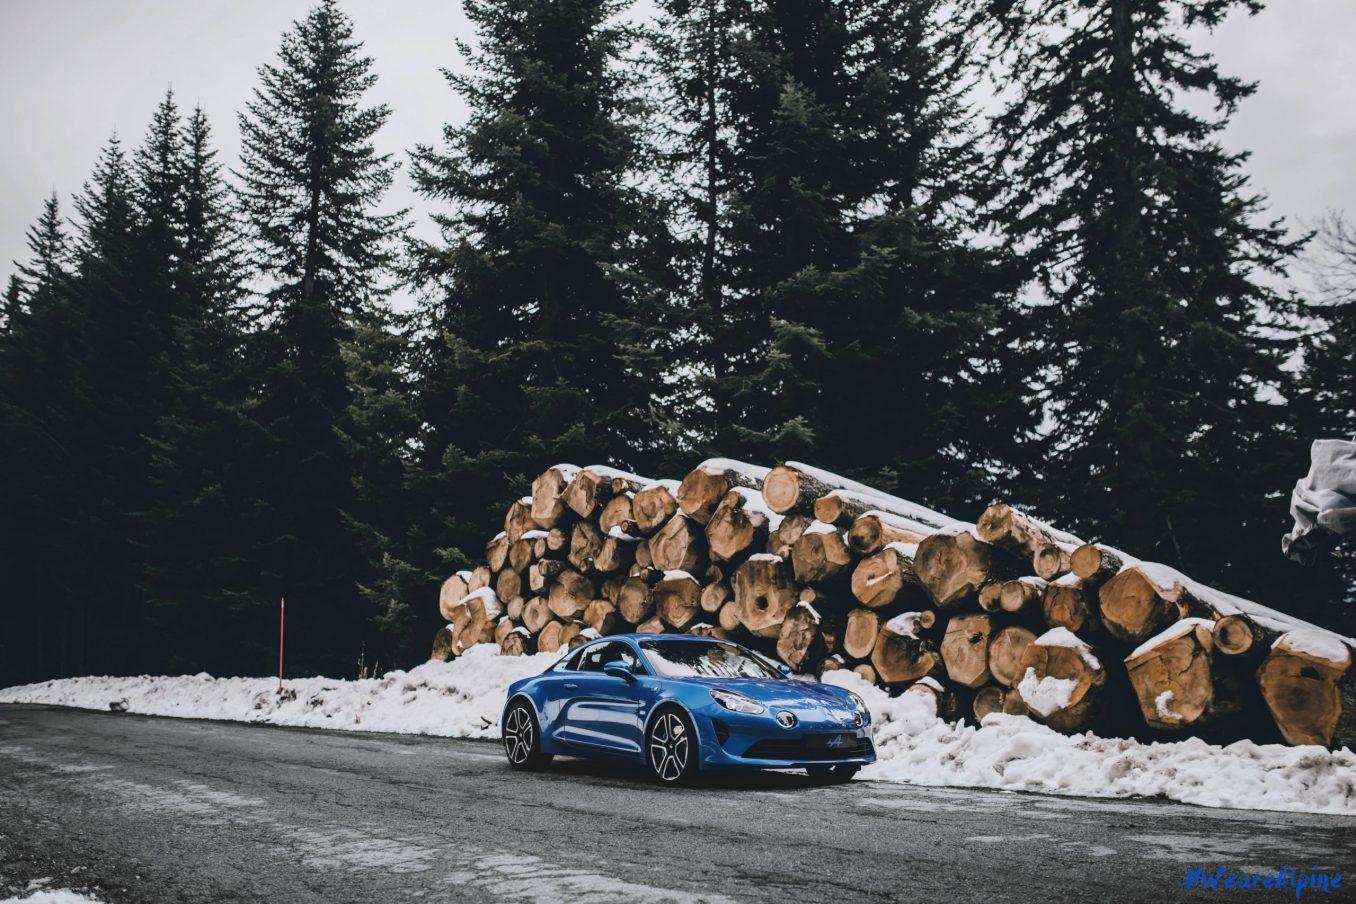 Genève 2017 Alpine A110 Premiere edition officielle 6 imp scaled | Salon de Genève 2017, toutes les informations officielles de l'Alpine A110 !